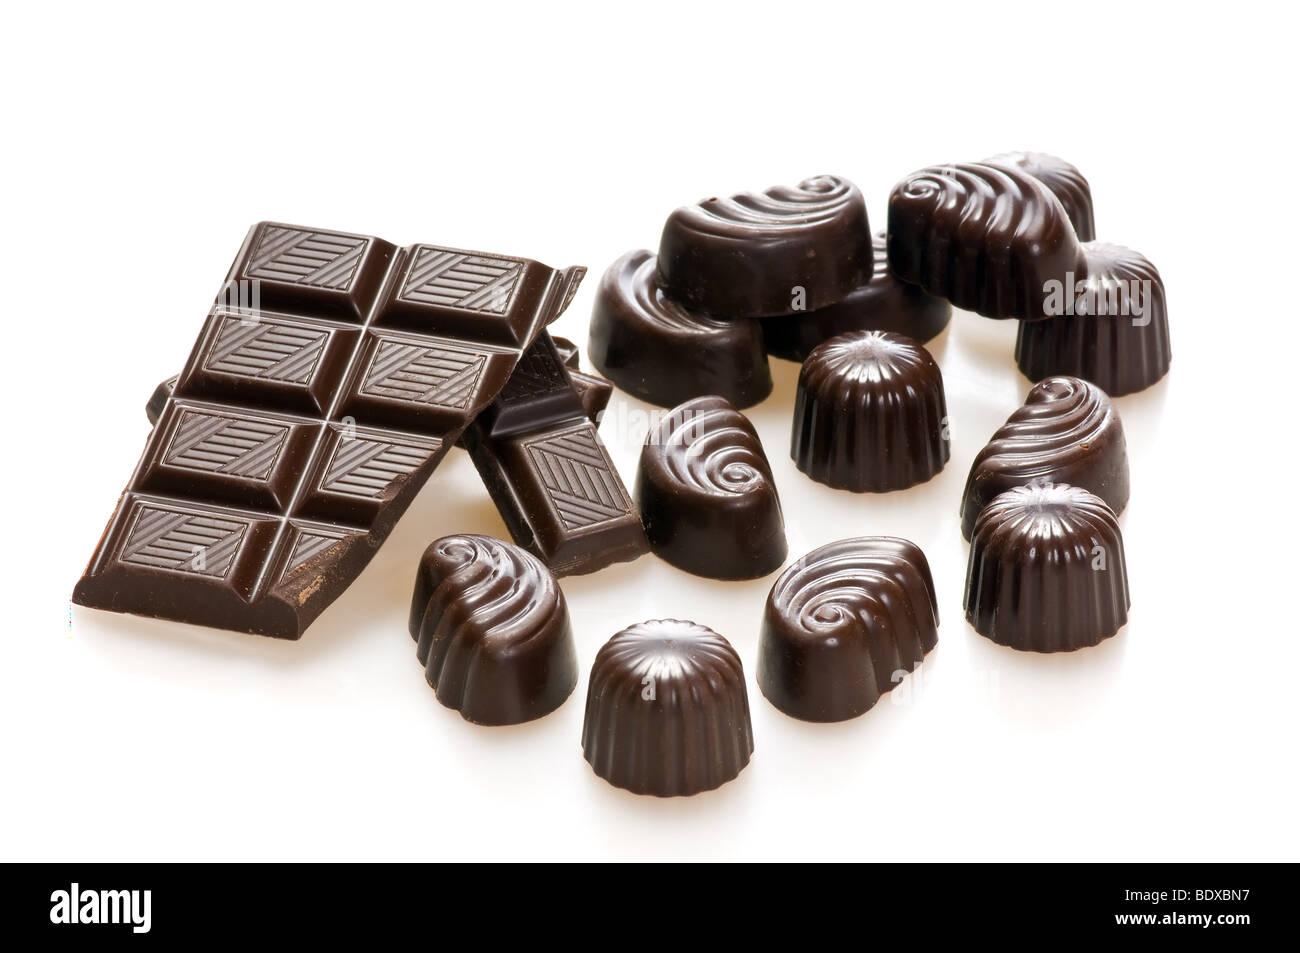 Caramelle di cioccolato isolato su bianco Immagini Stock